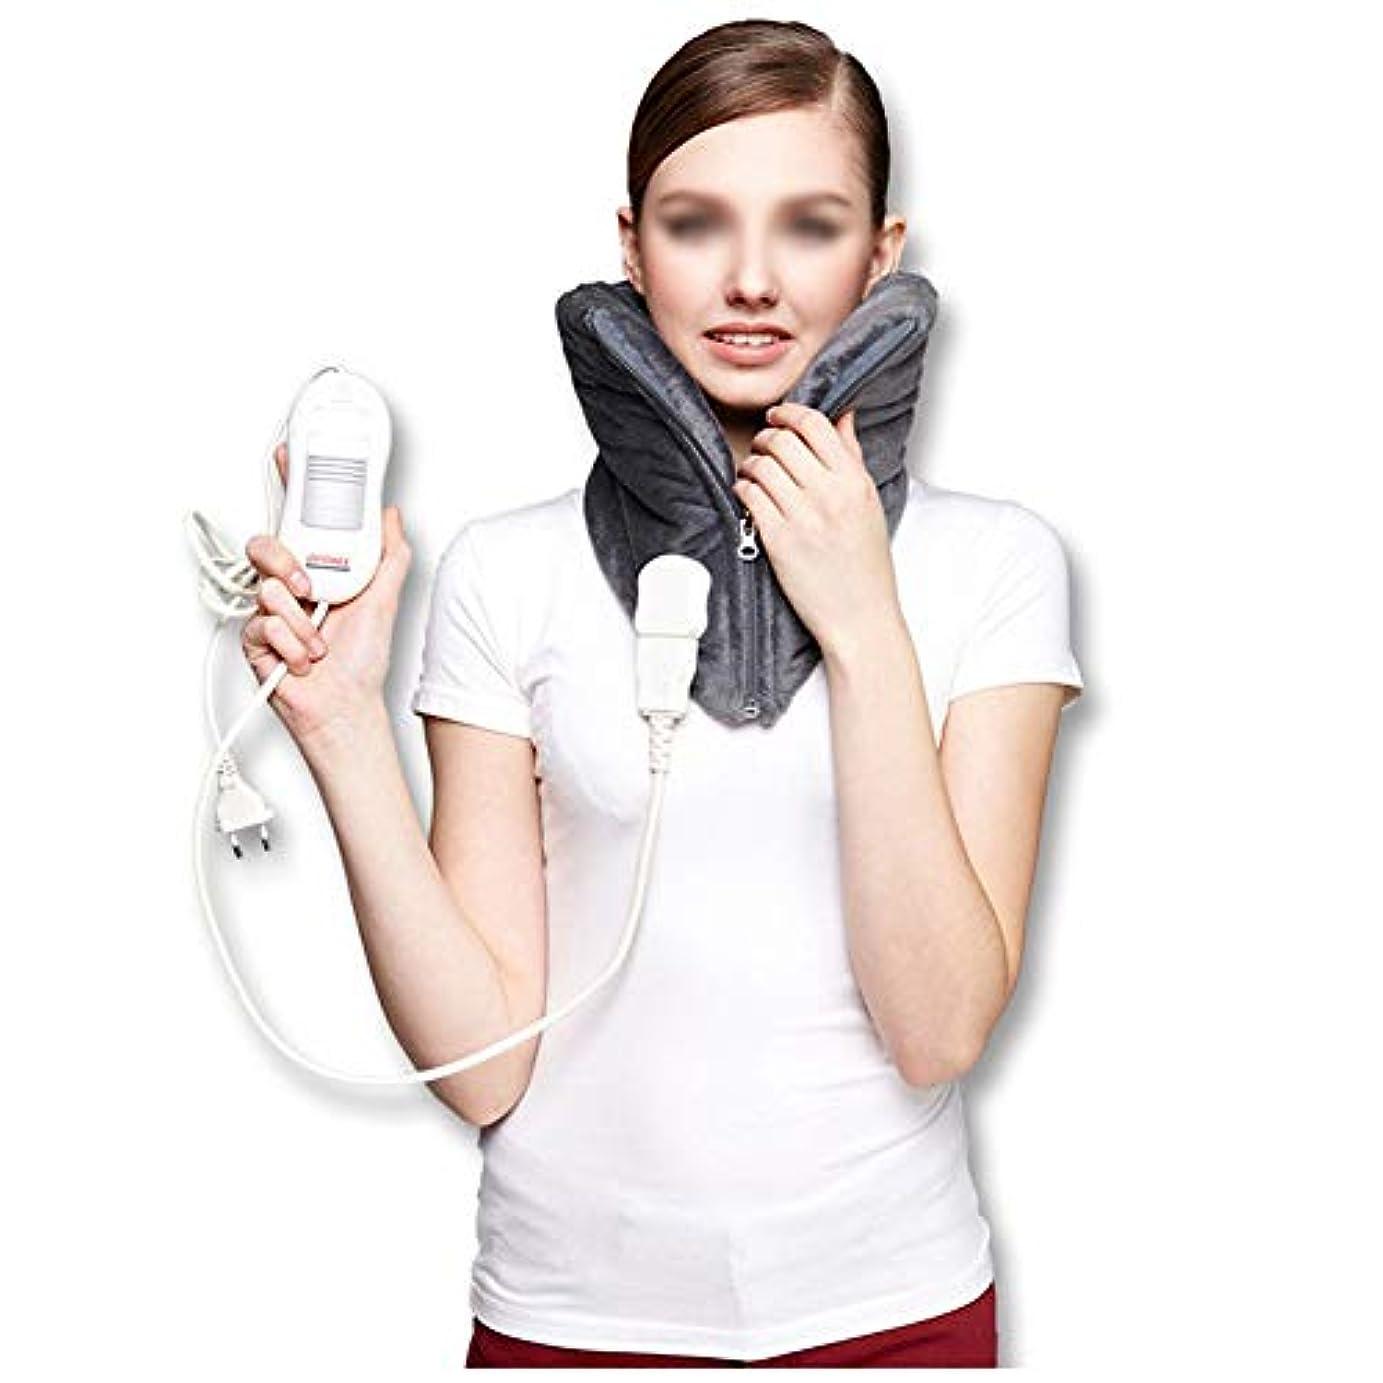 心のこもったしみ脅かす頚部の電気ヒーターパッド - 暖かい頚椎のヒートパッド、自動電源オフ、洗える、3速度一定温度、高齢者の痛みを軽減するマッサージャー